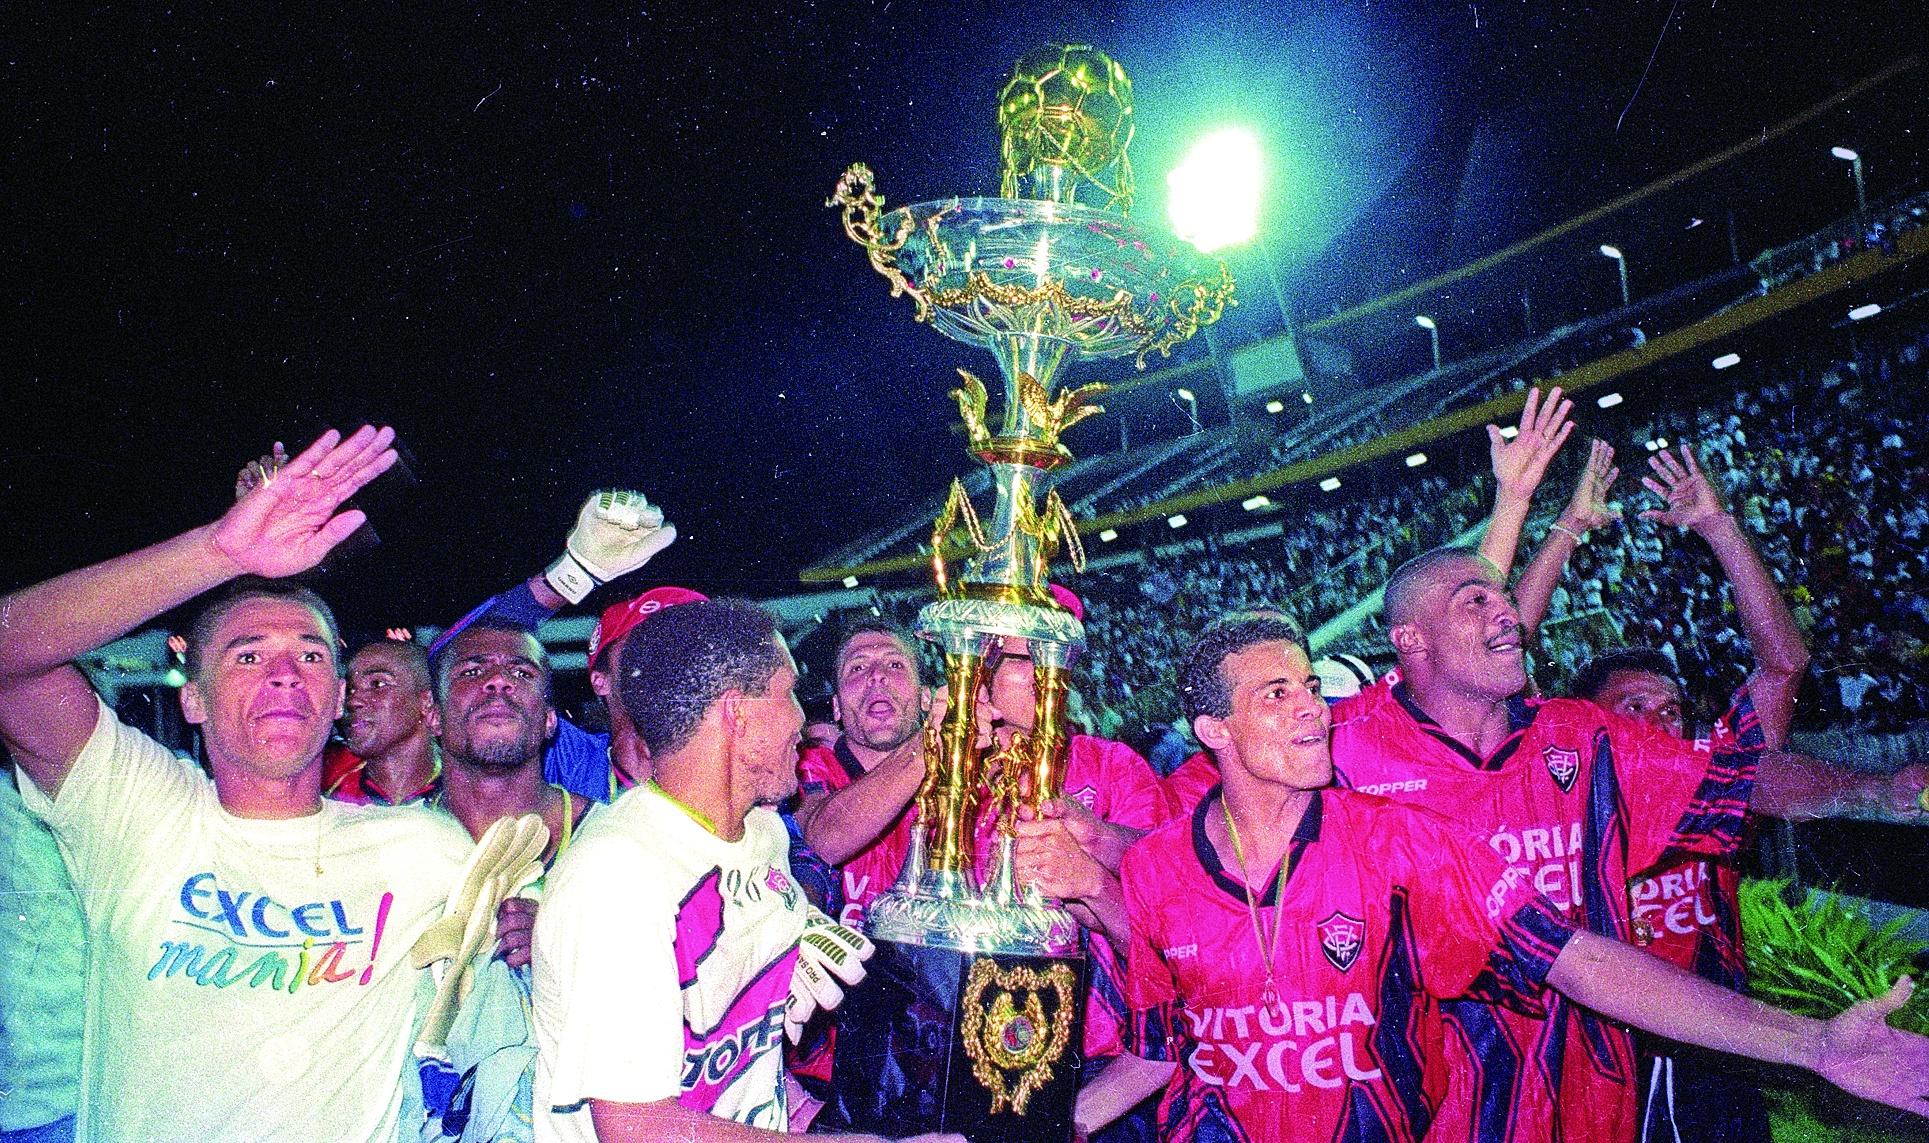 Vitória sai na frente e sob o comando de Arturzinho  traz o primeiro troféu para casa em 1997, ao derrotar o Bahia por 3x0.